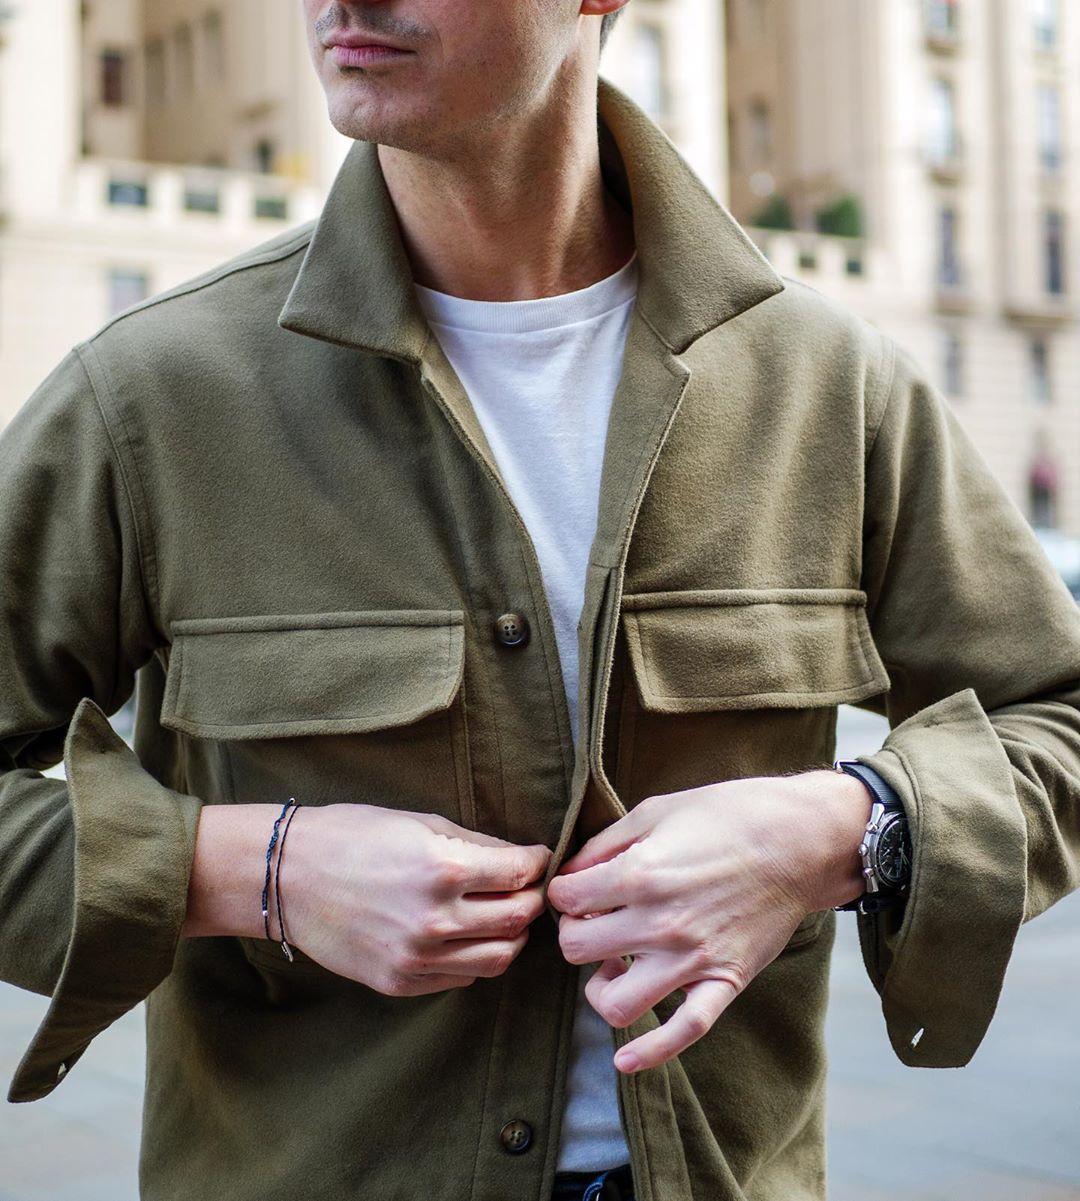 La même option s'offre par temps plus frais en adoptant une surchemise, sorte de compromis entre la chemise et la veste. Source : Steve Calder